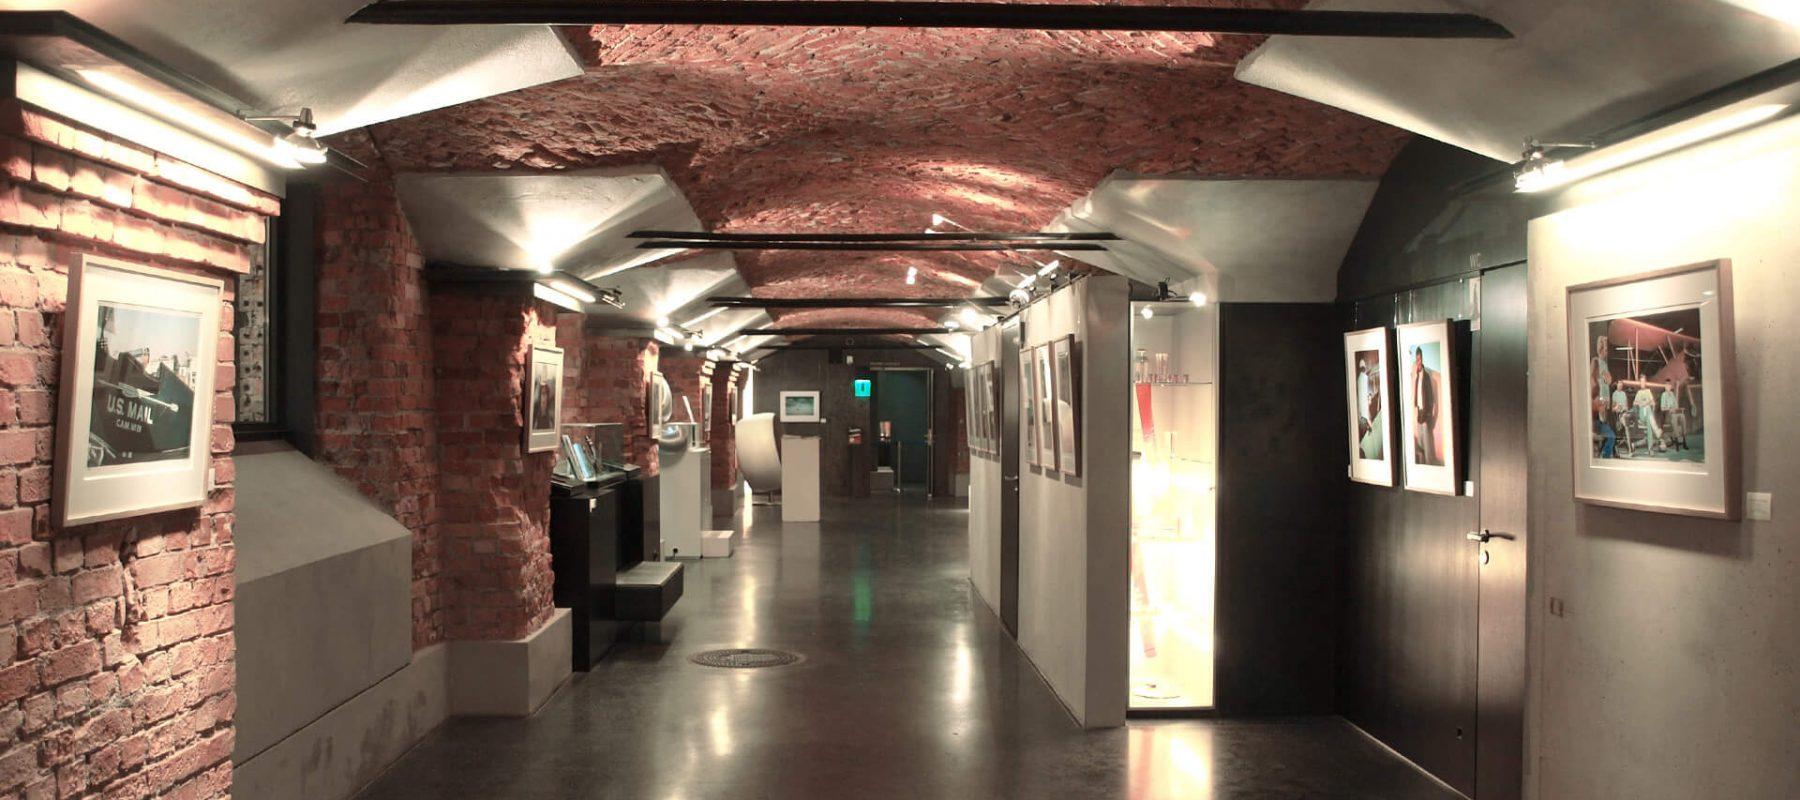 Das Bild zeigt die Galerie im Backsteingewölbe des Automuseums Prototyp in Hamburg, wo die Sonderausstellung